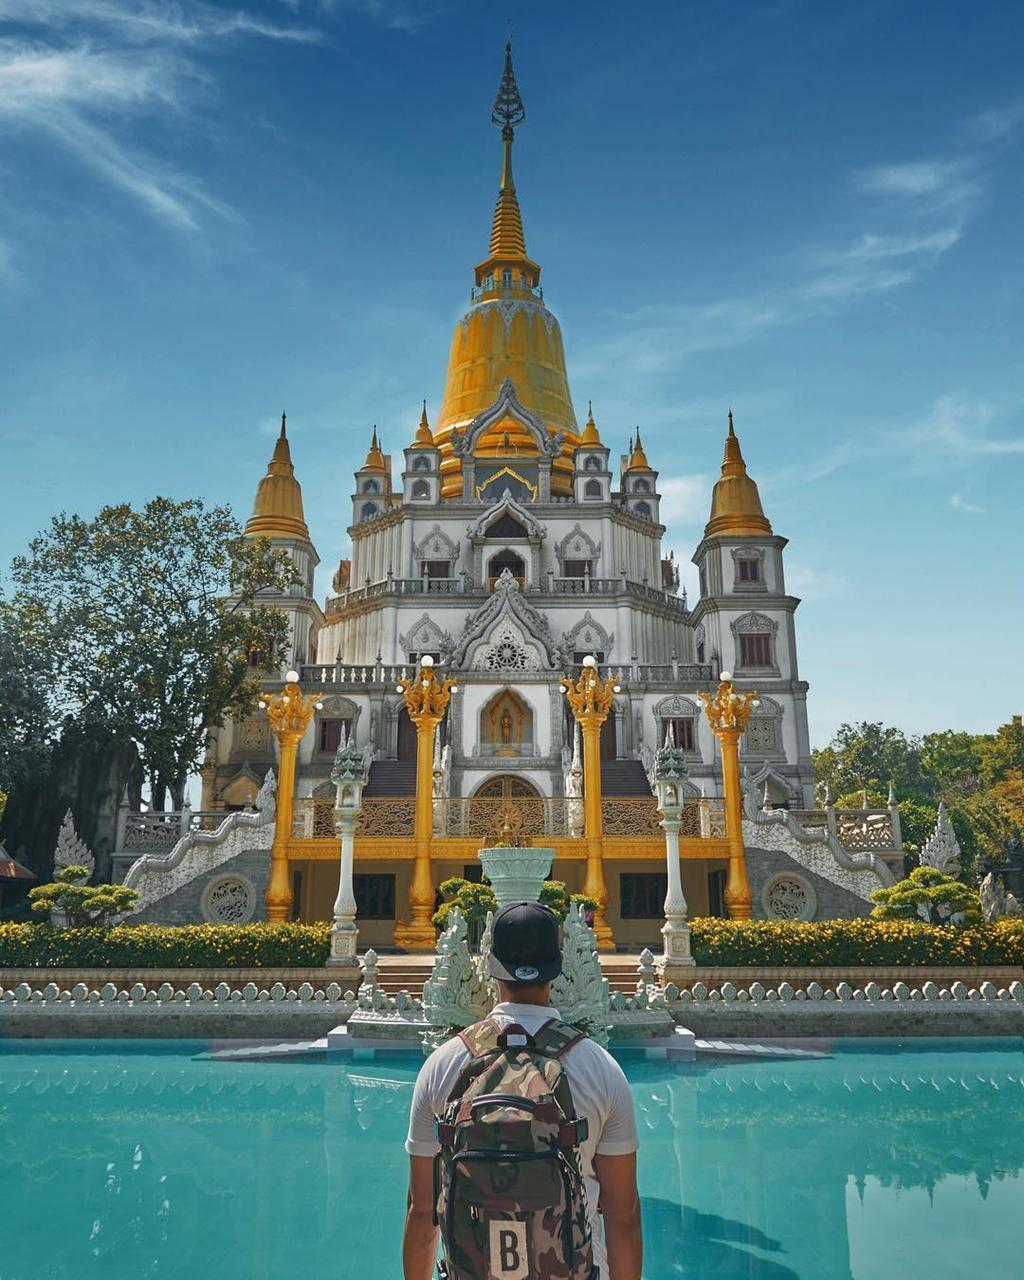 Bửu Long và 5 ngôi chùa nổi tiếng linh thiêng khu vực phía nam Ảnh 1